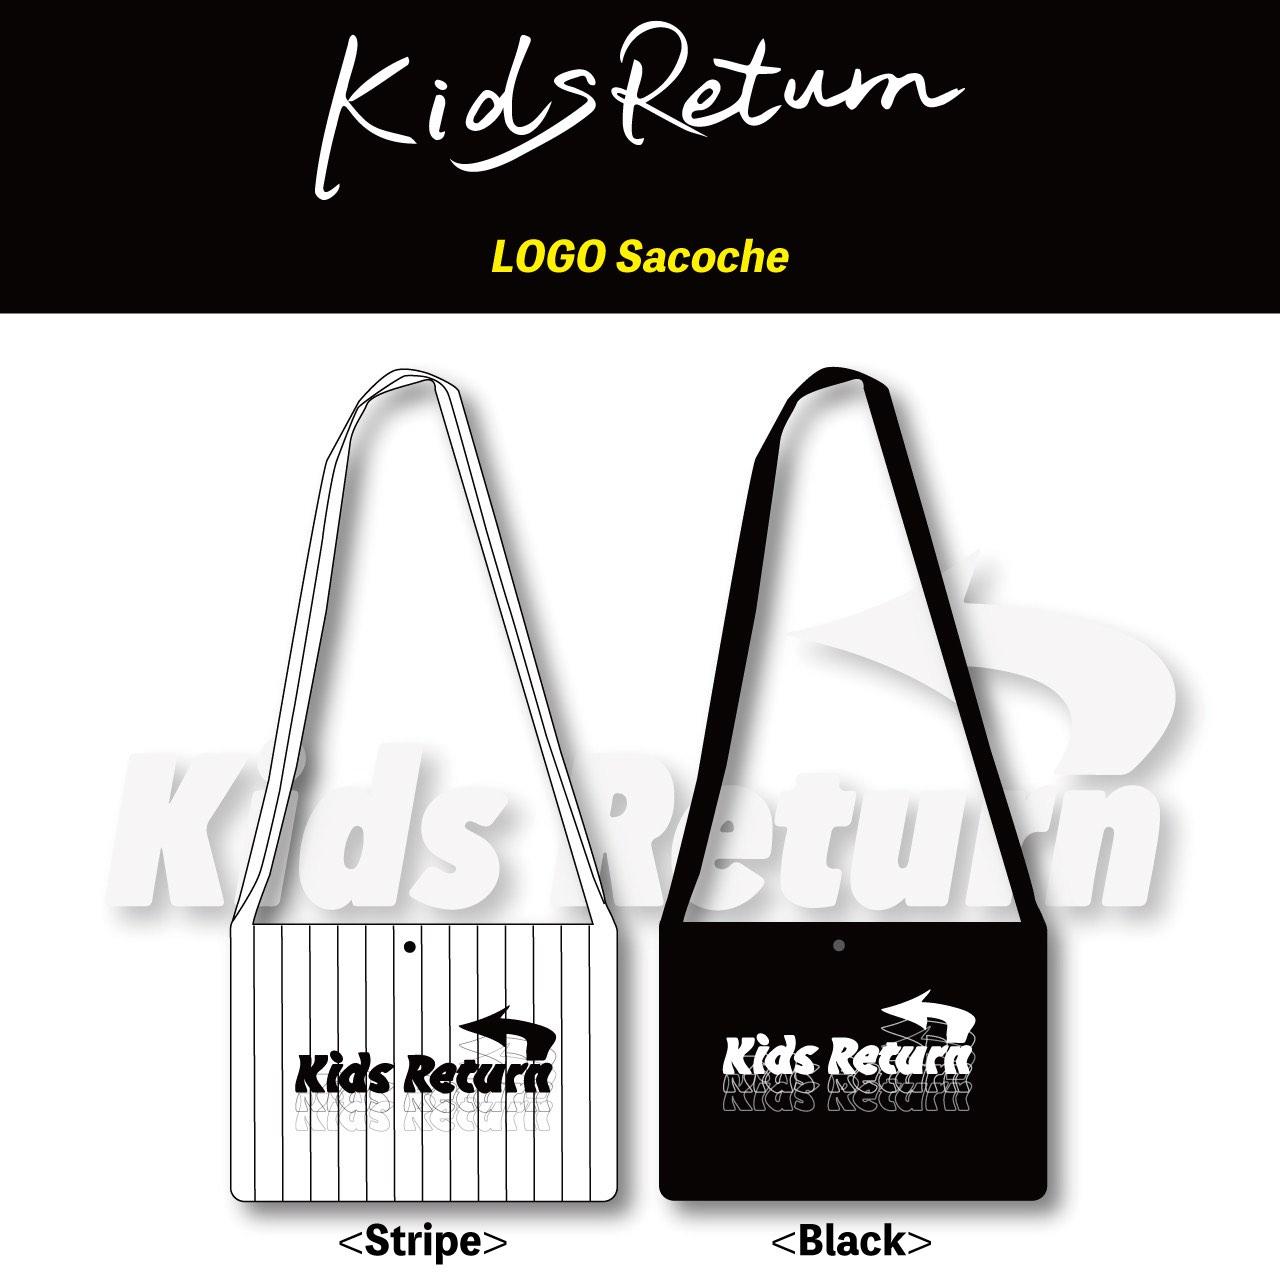 Kids Return LOGO Sacoche